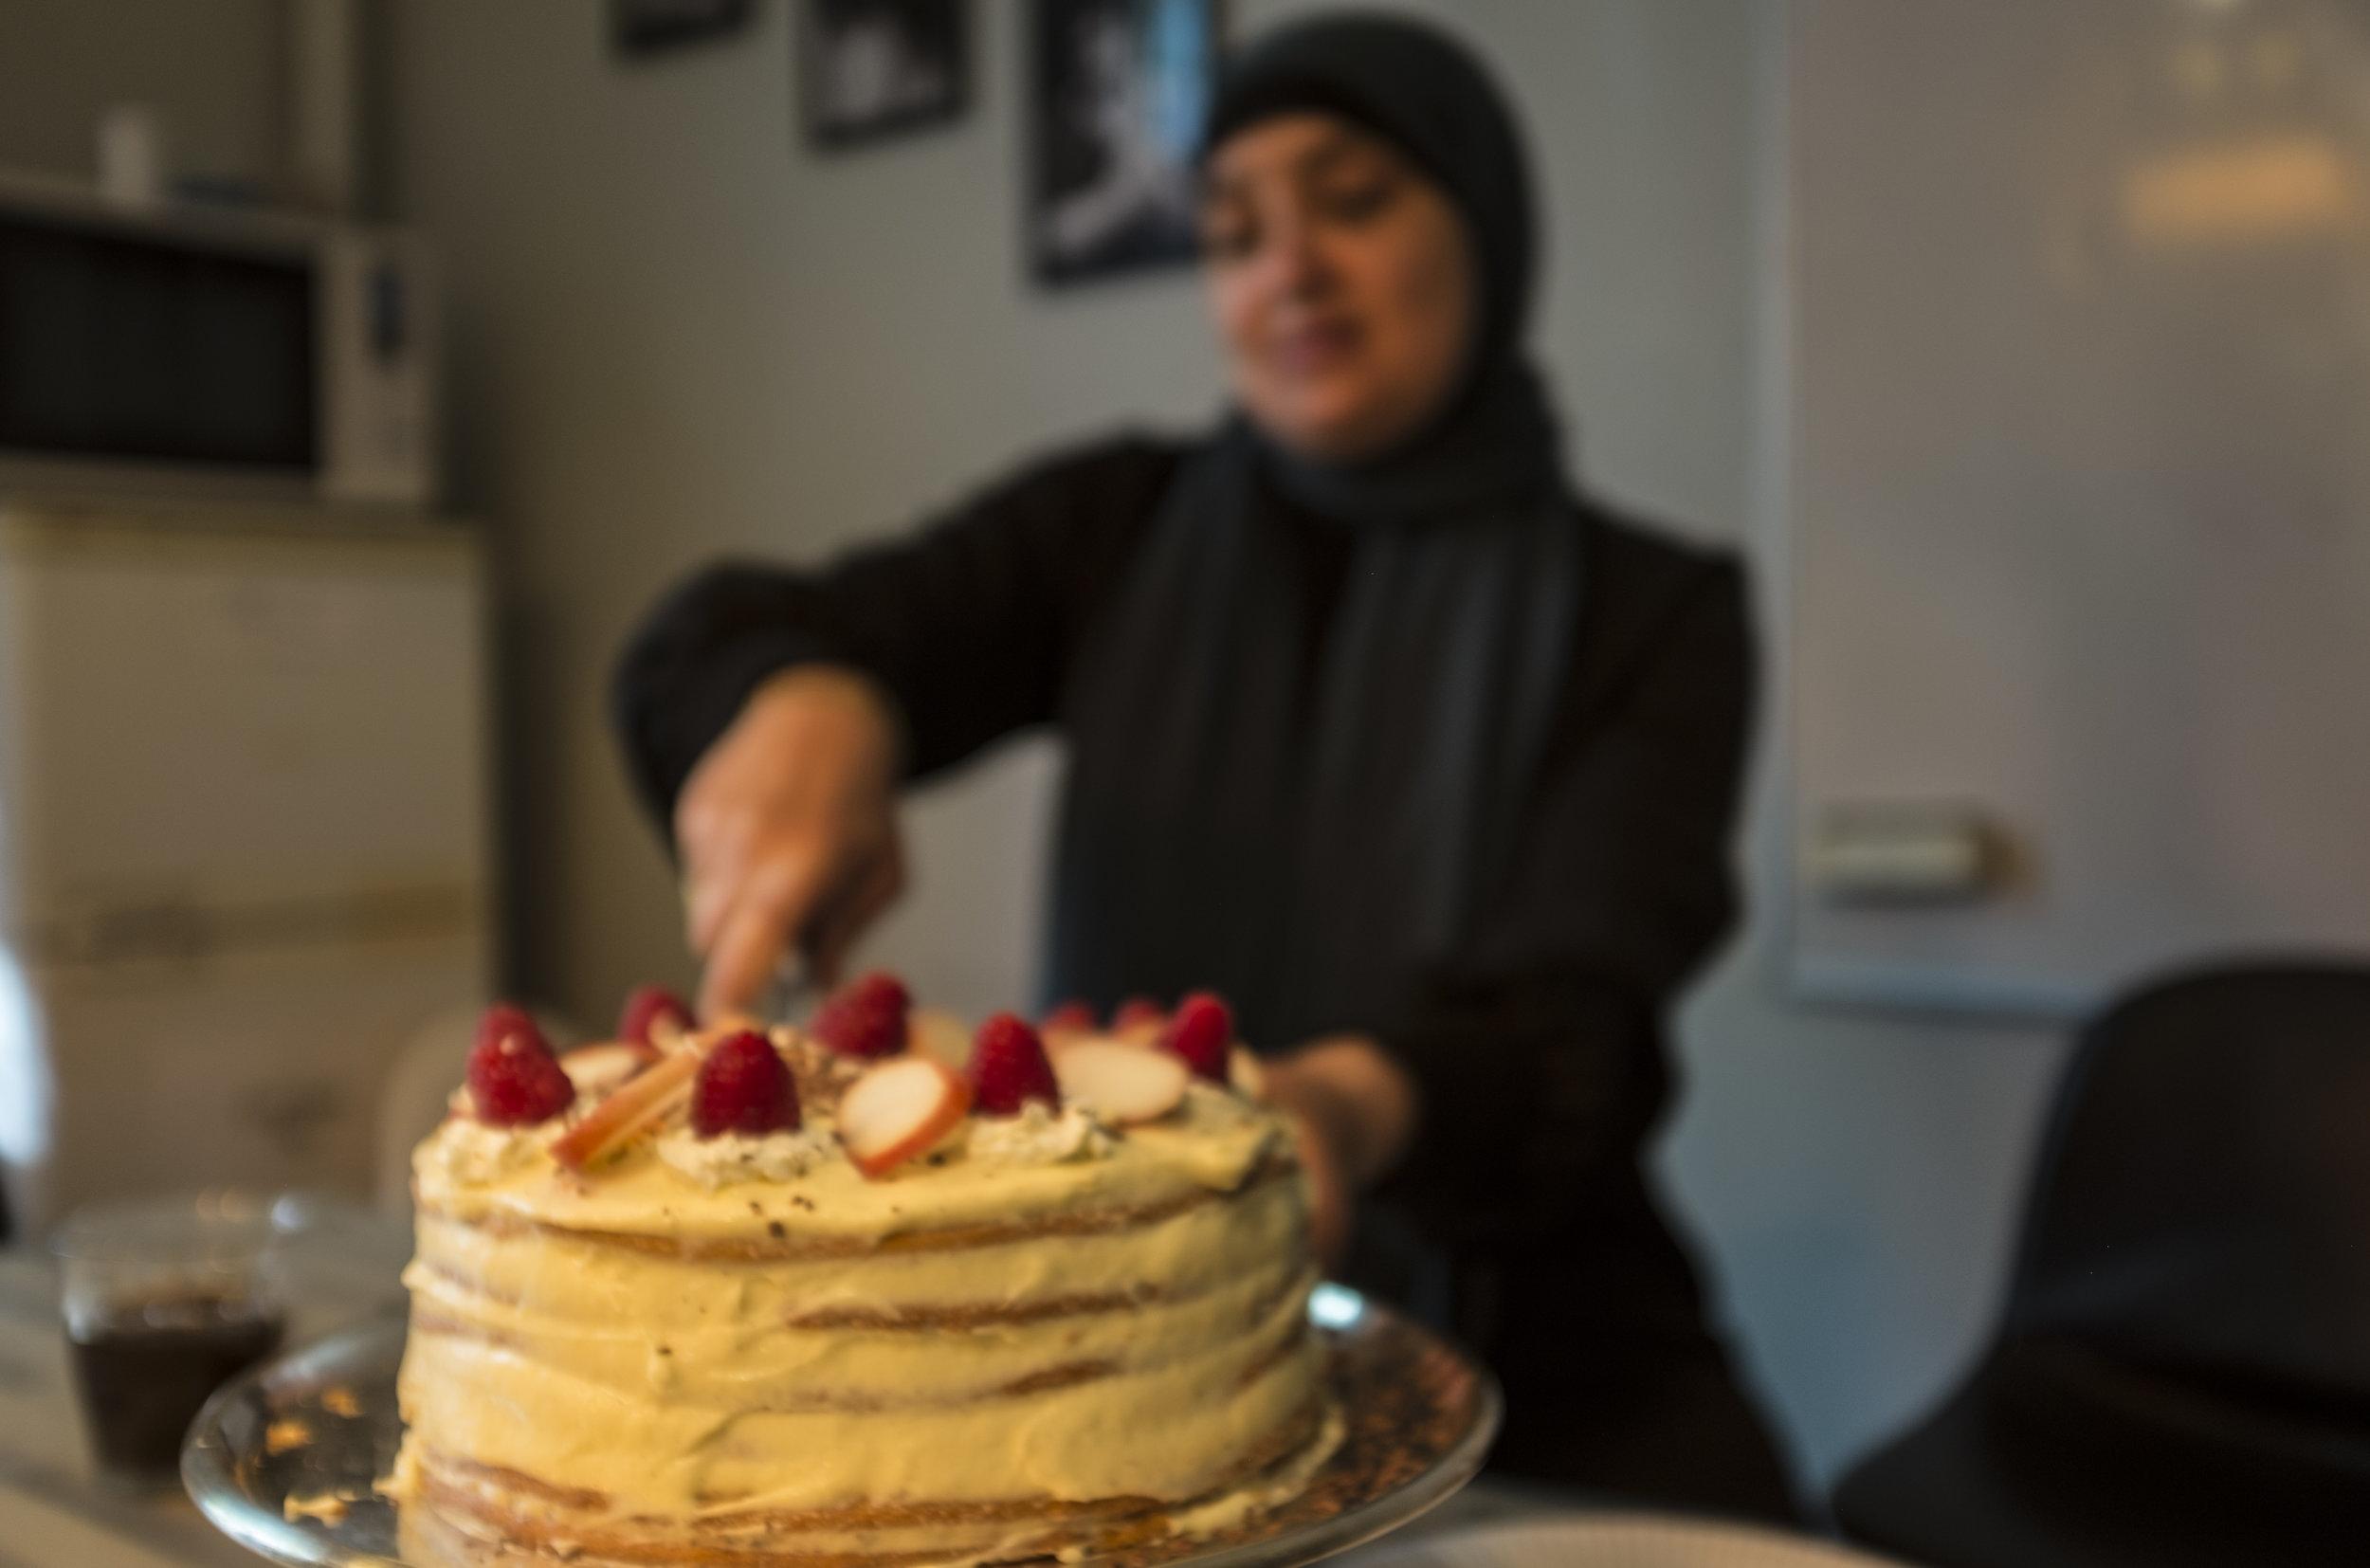 Najat, som altid har elsket at bage, har bagt en lagkage i forbindelse med sin praktik i Trampolinhuset. Foto: Sofia Stærmose Hardt.